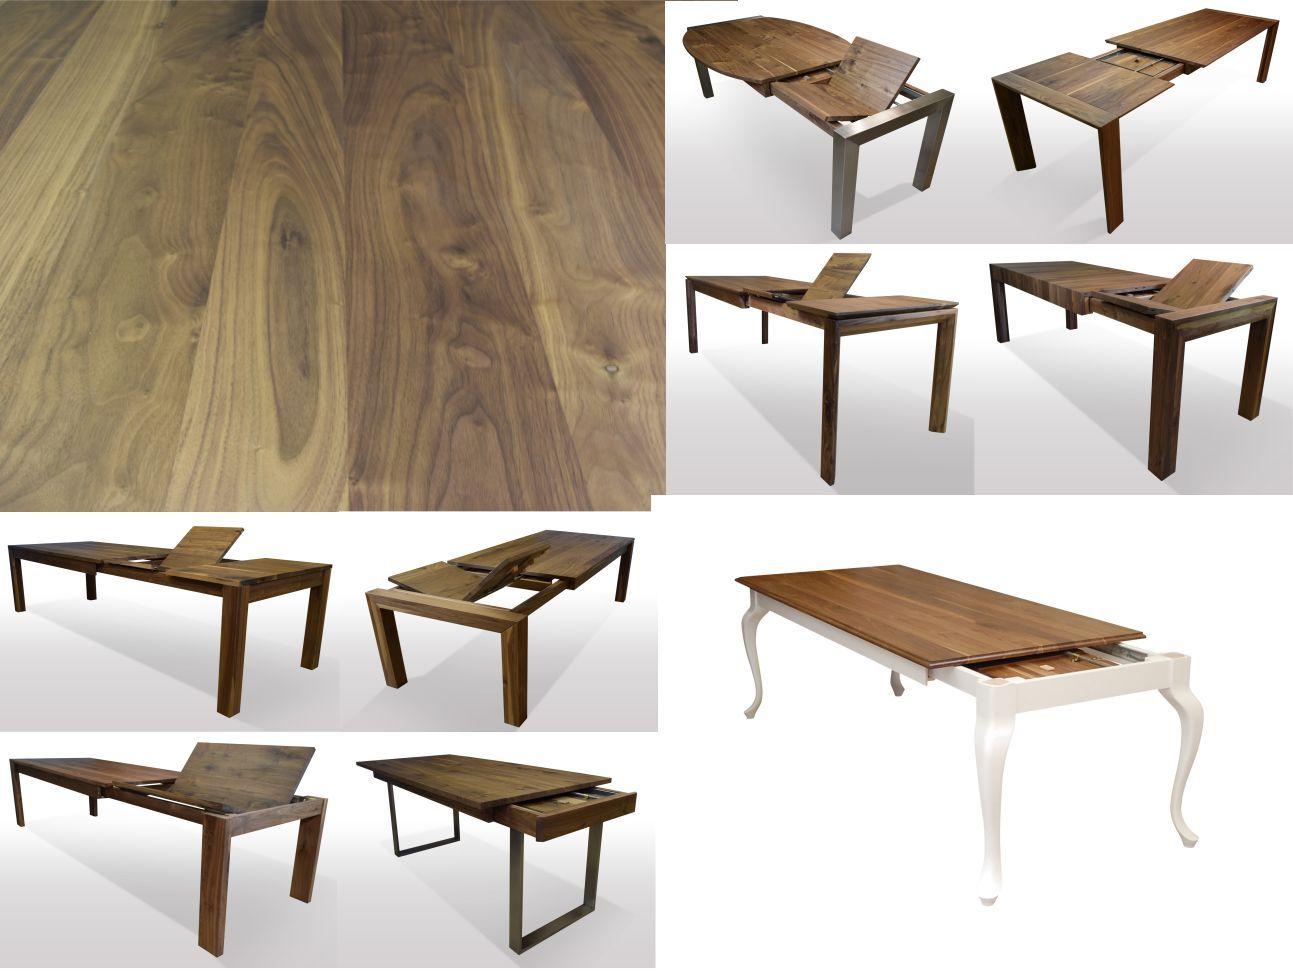 Tisch Nussbaum Massiv Breite 100cm Lange Wahlbar Esstisch